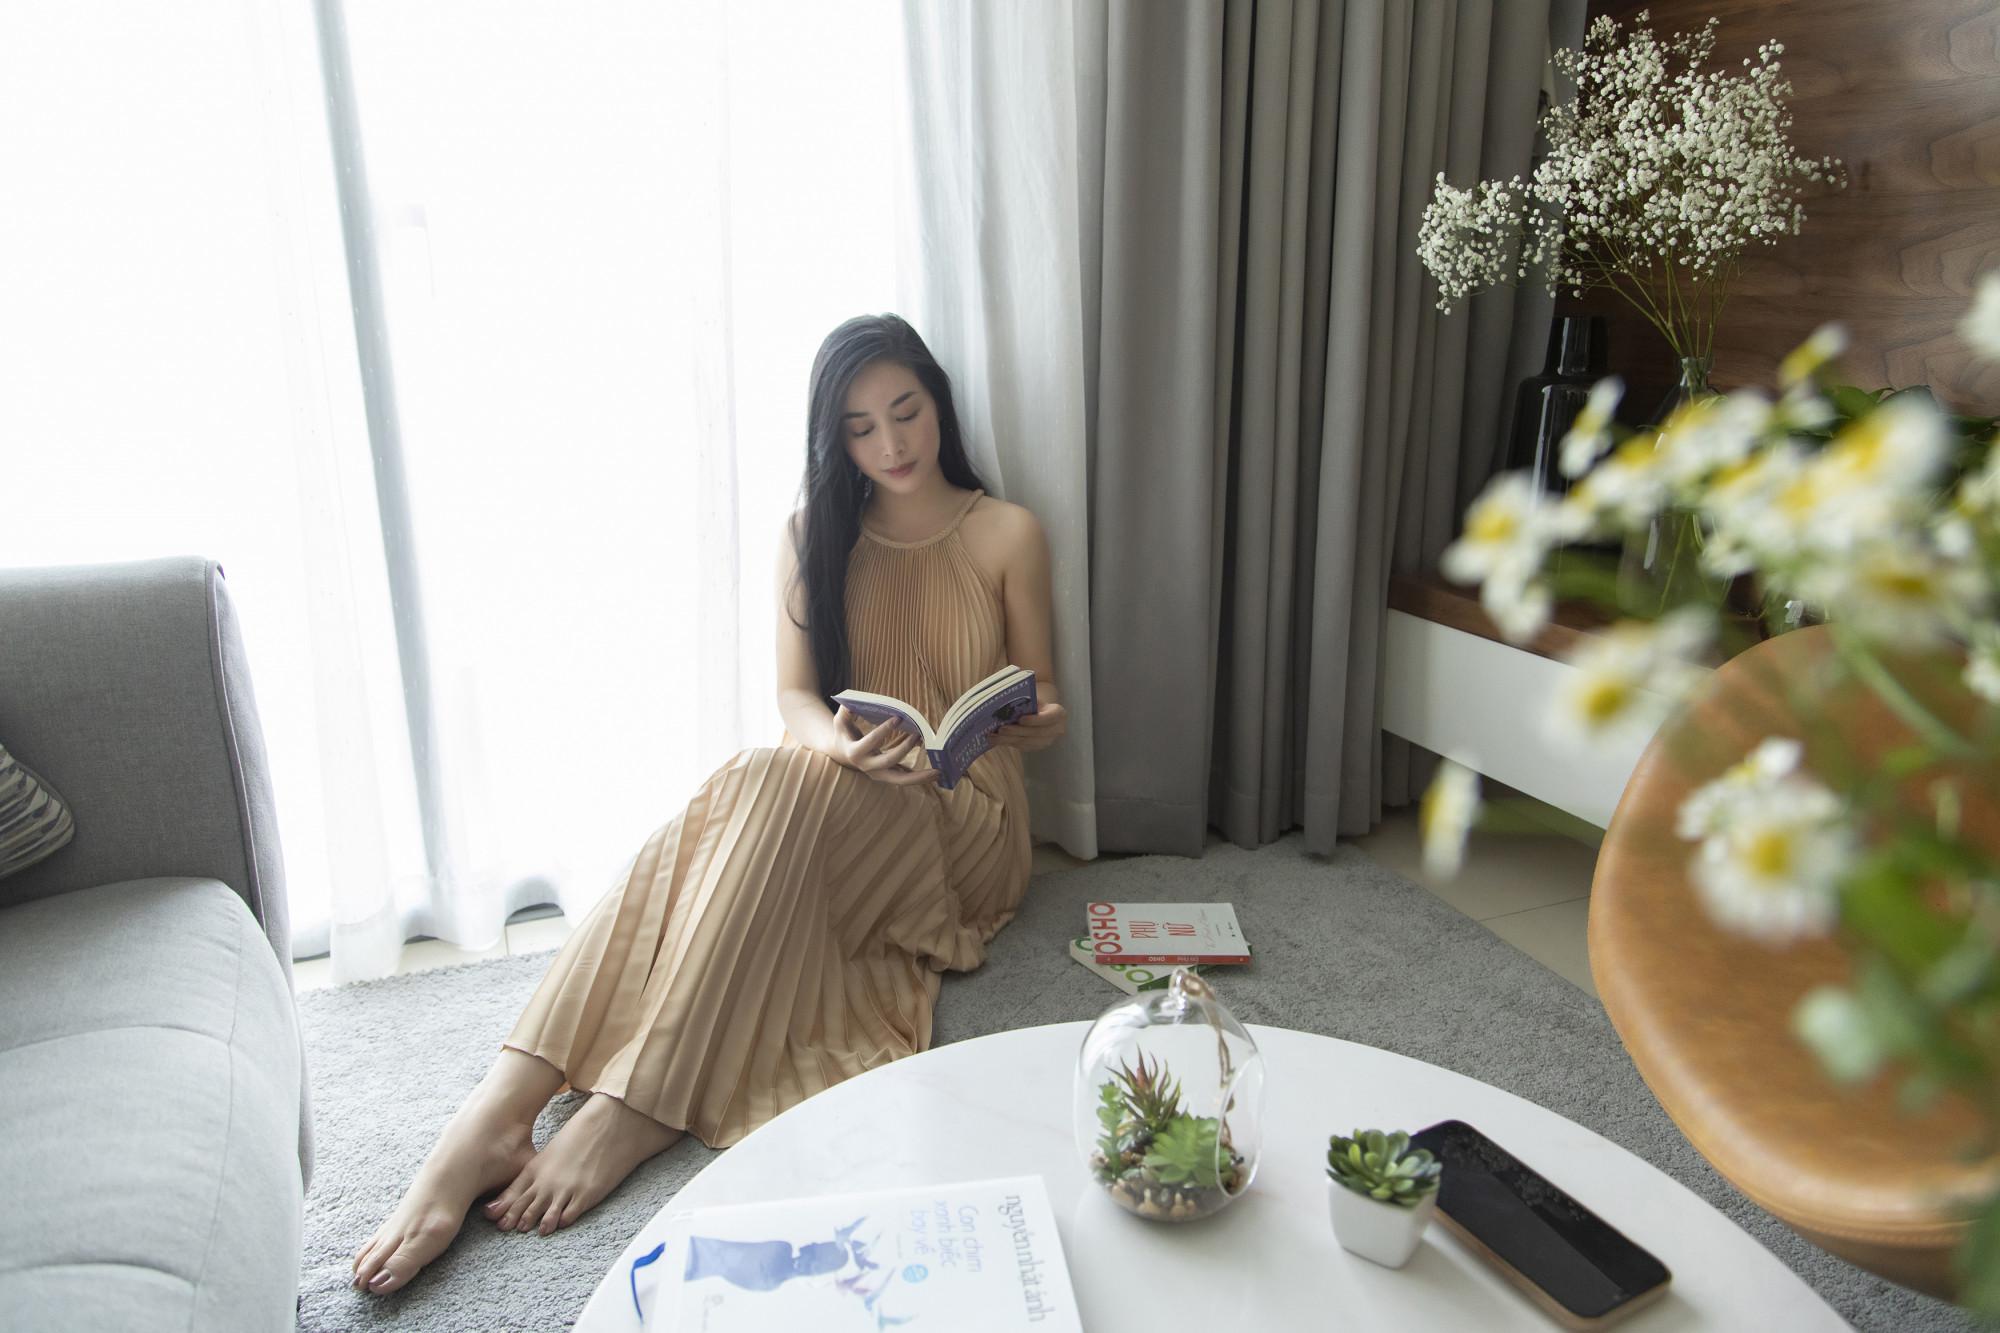 Thời gian qua, diễn viên Mai Thanh Hà ở nhà, nghiêm chỉnh chấp hành quy định giãn cách xã hội. Nữ diễn viên có nhiều hoạt động thú vị để mỗi ngày không buồn chán như: đọc sách, nấu ăn, xem phim...